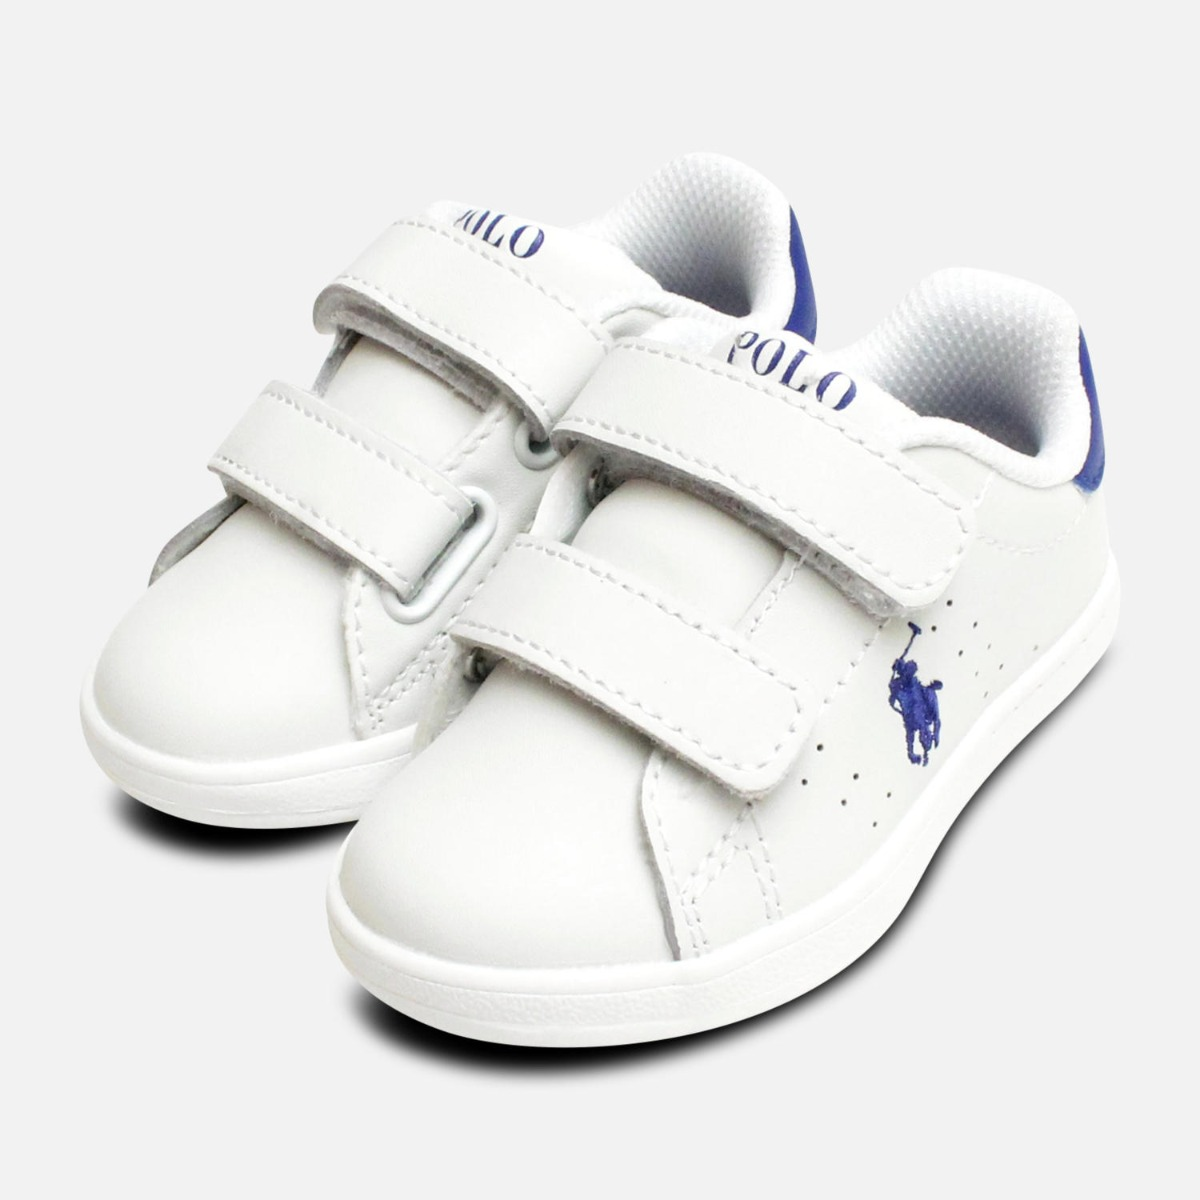 shoes ralph lauren - 54% OFF - plykart.com